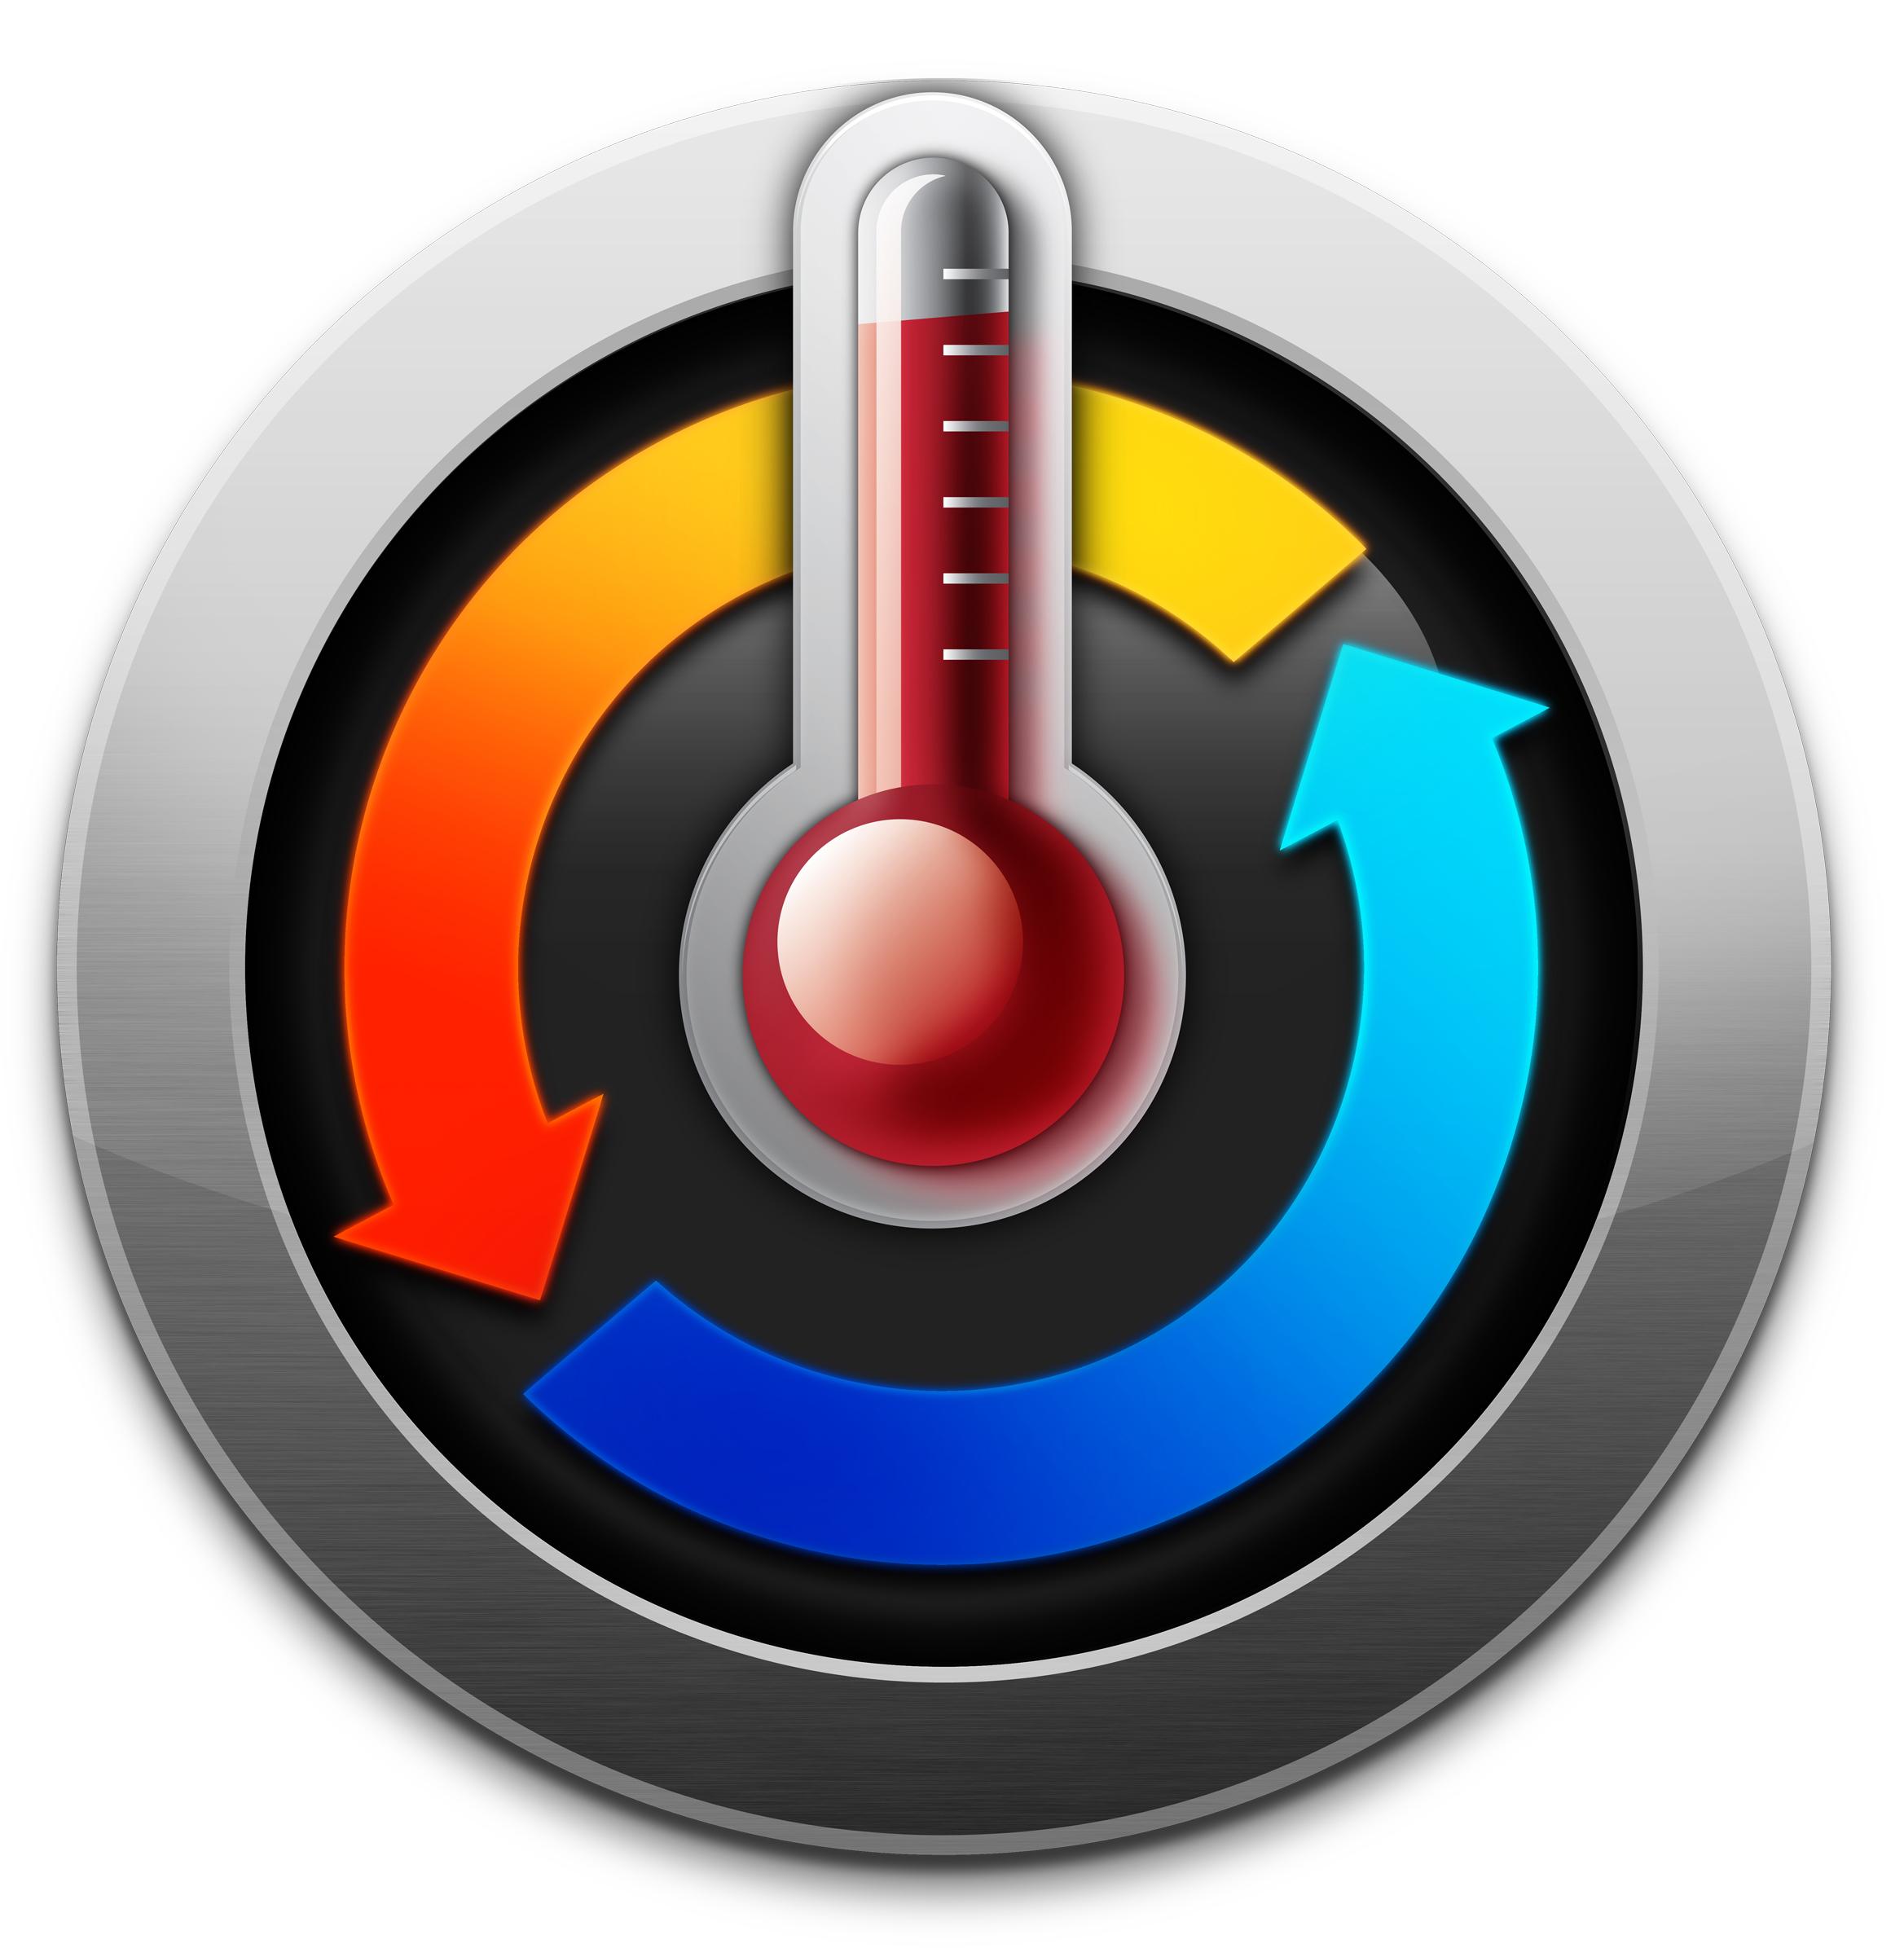 Heat clipart temperature CNC Control Changes Compensates Okuma's